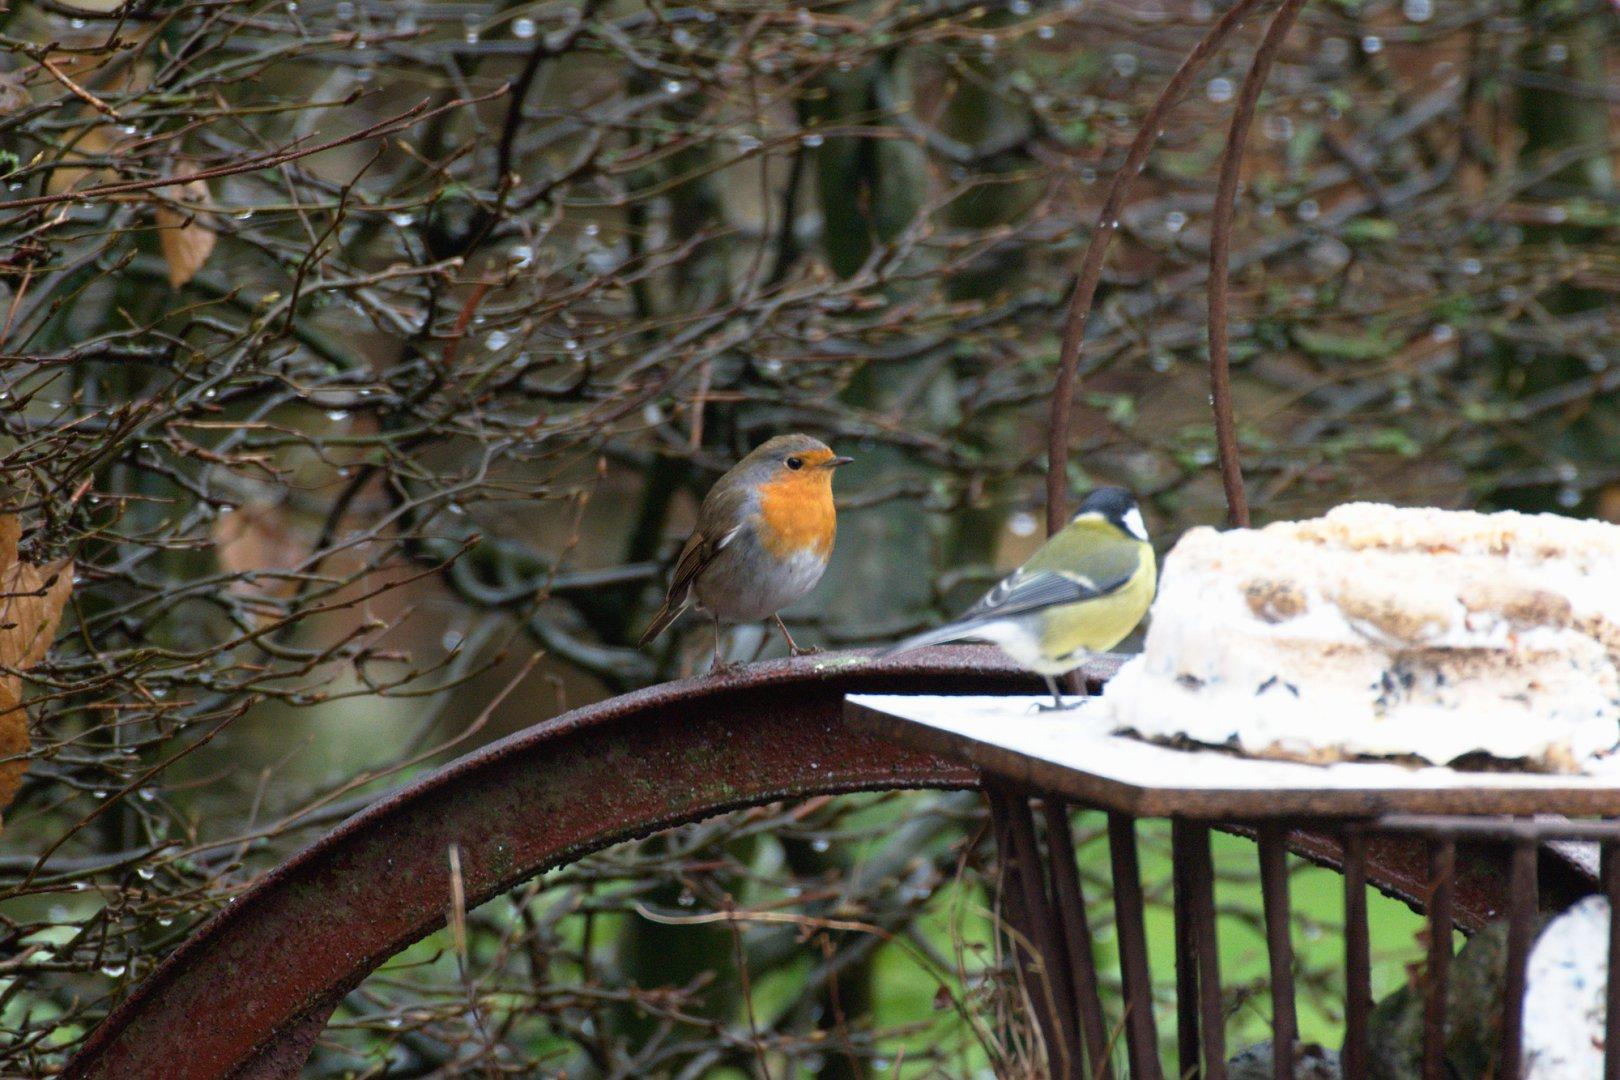 Vogels Nederland Tuin : De vogels in de tuin in kunder kunder